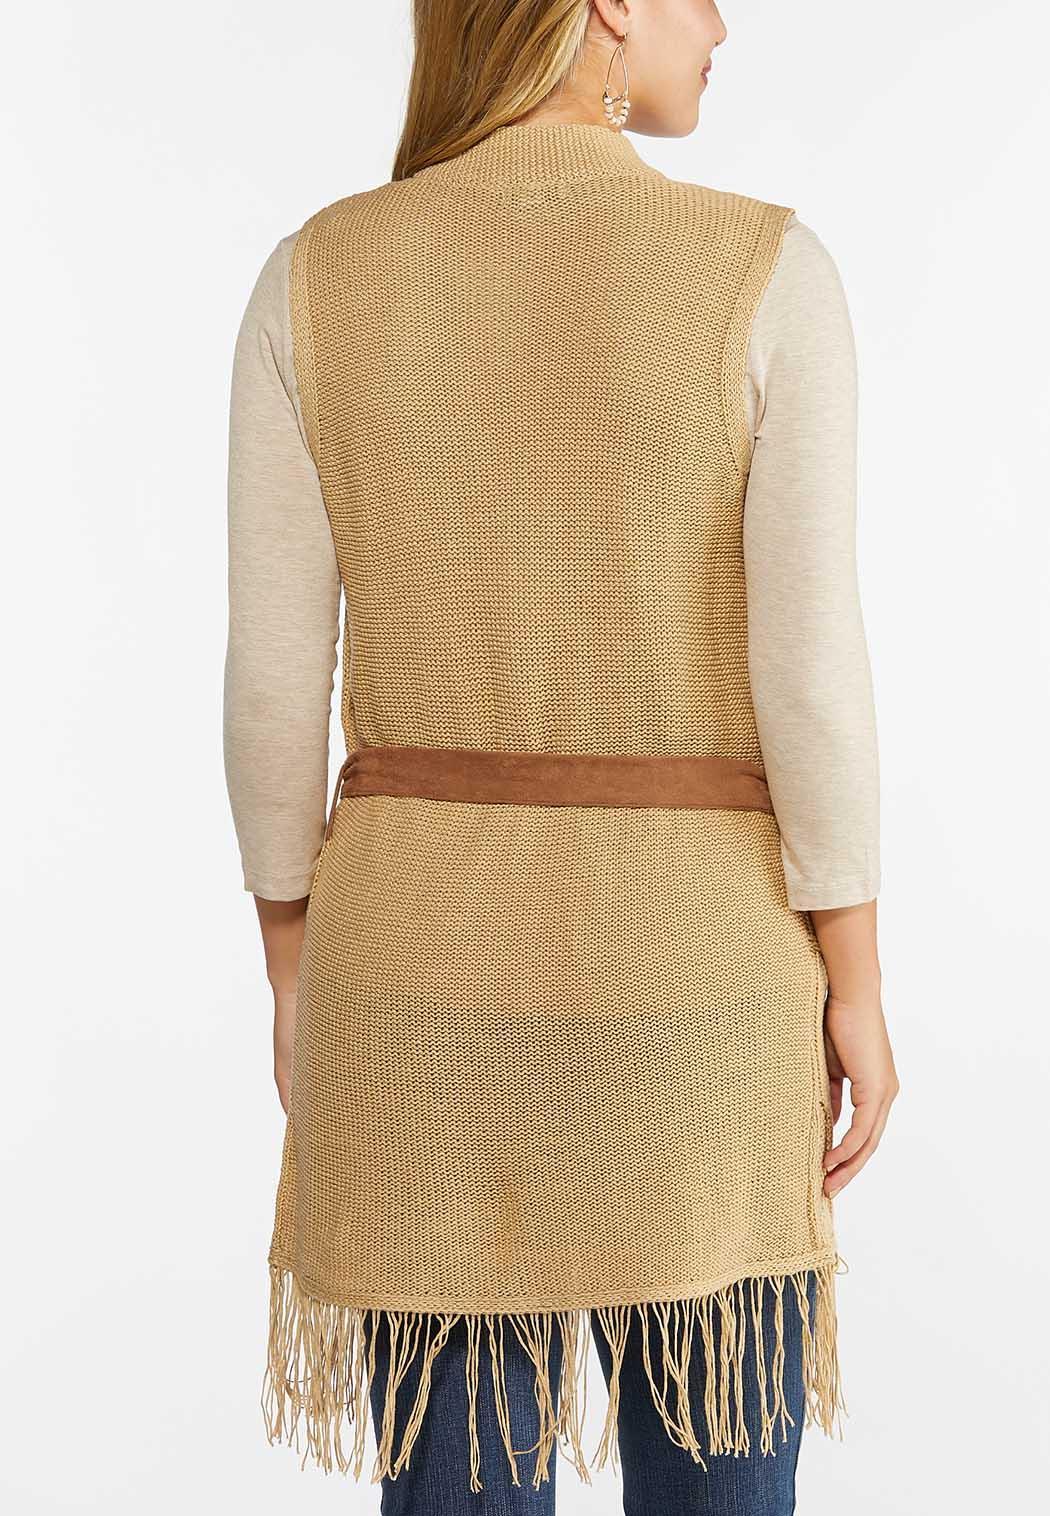 Belted Fringe Sweater Vest (Item #44461655)